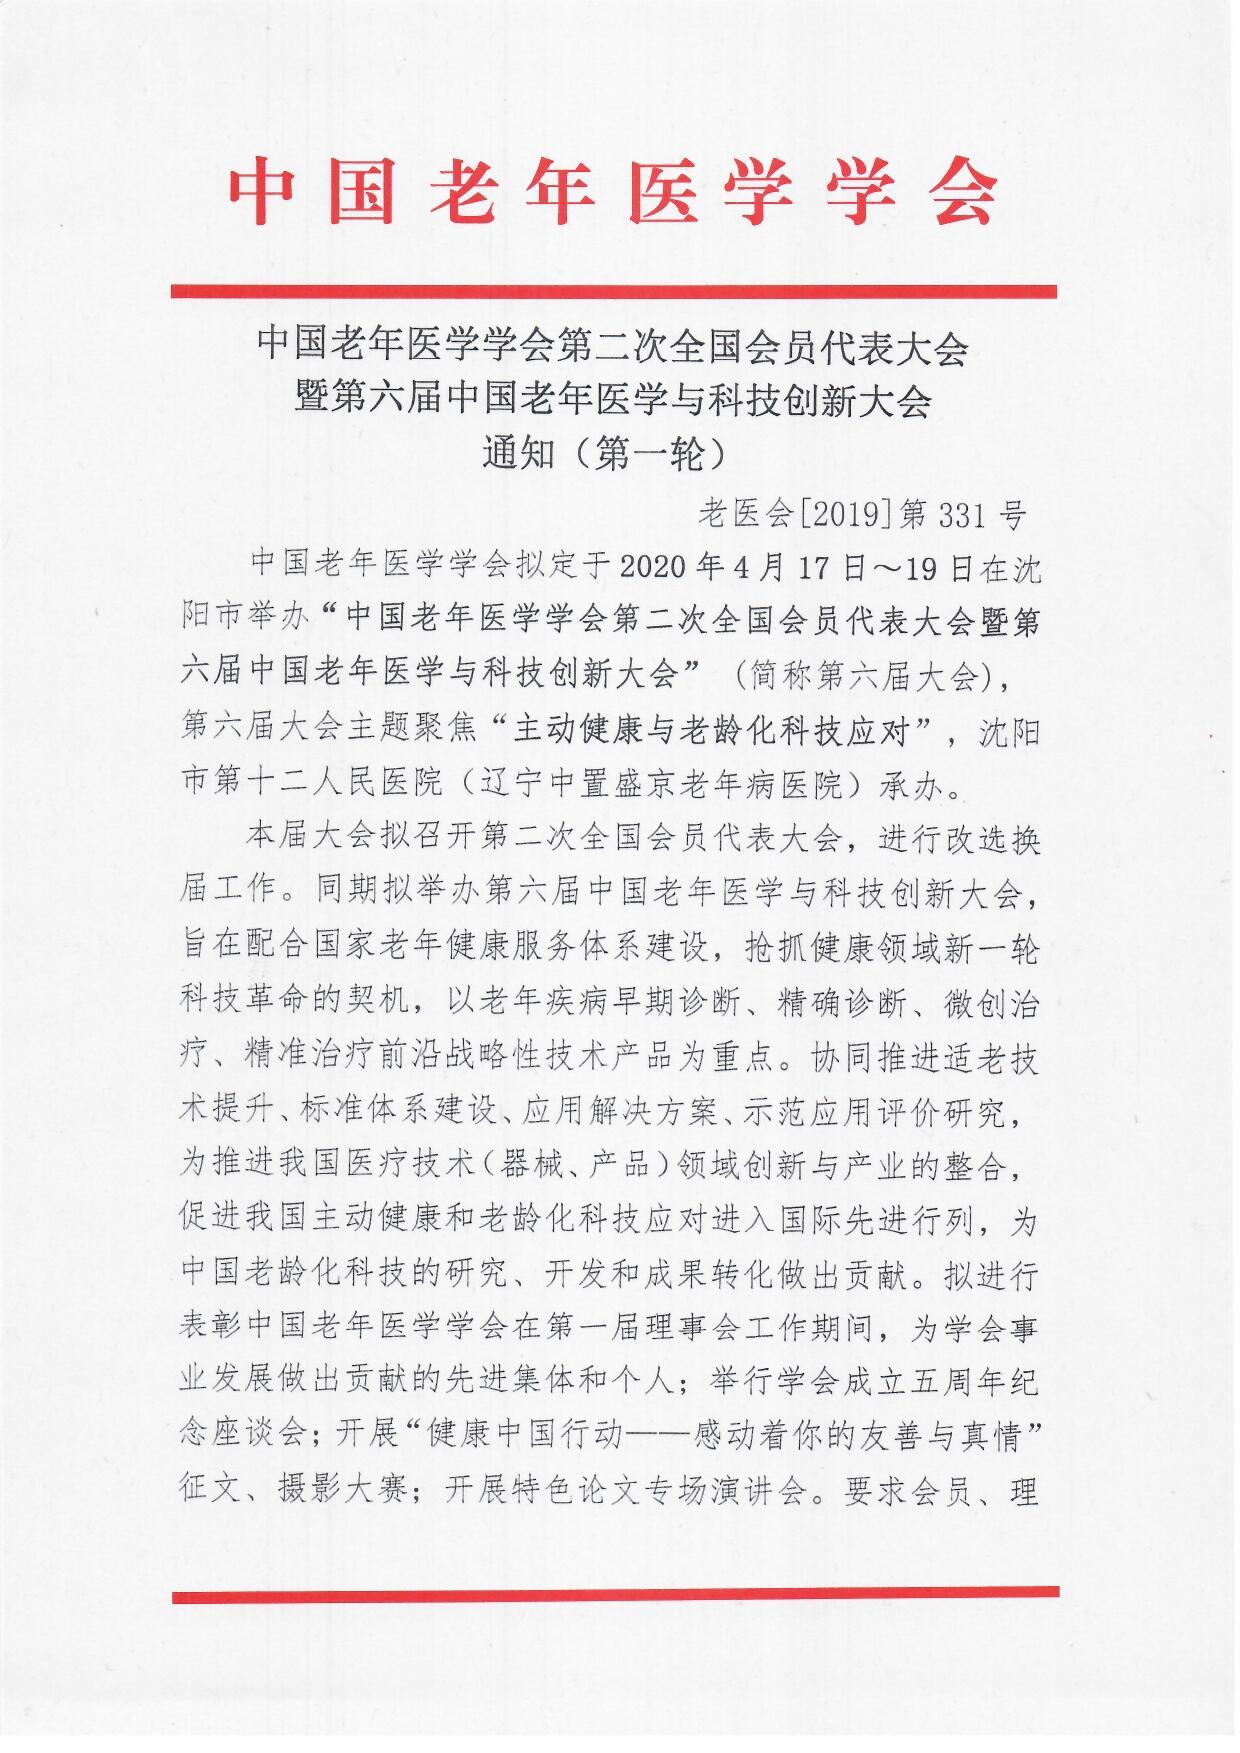 大会通知 第六届中国老年医学与科技创新大会(改后的)0109_页面_1.jpg